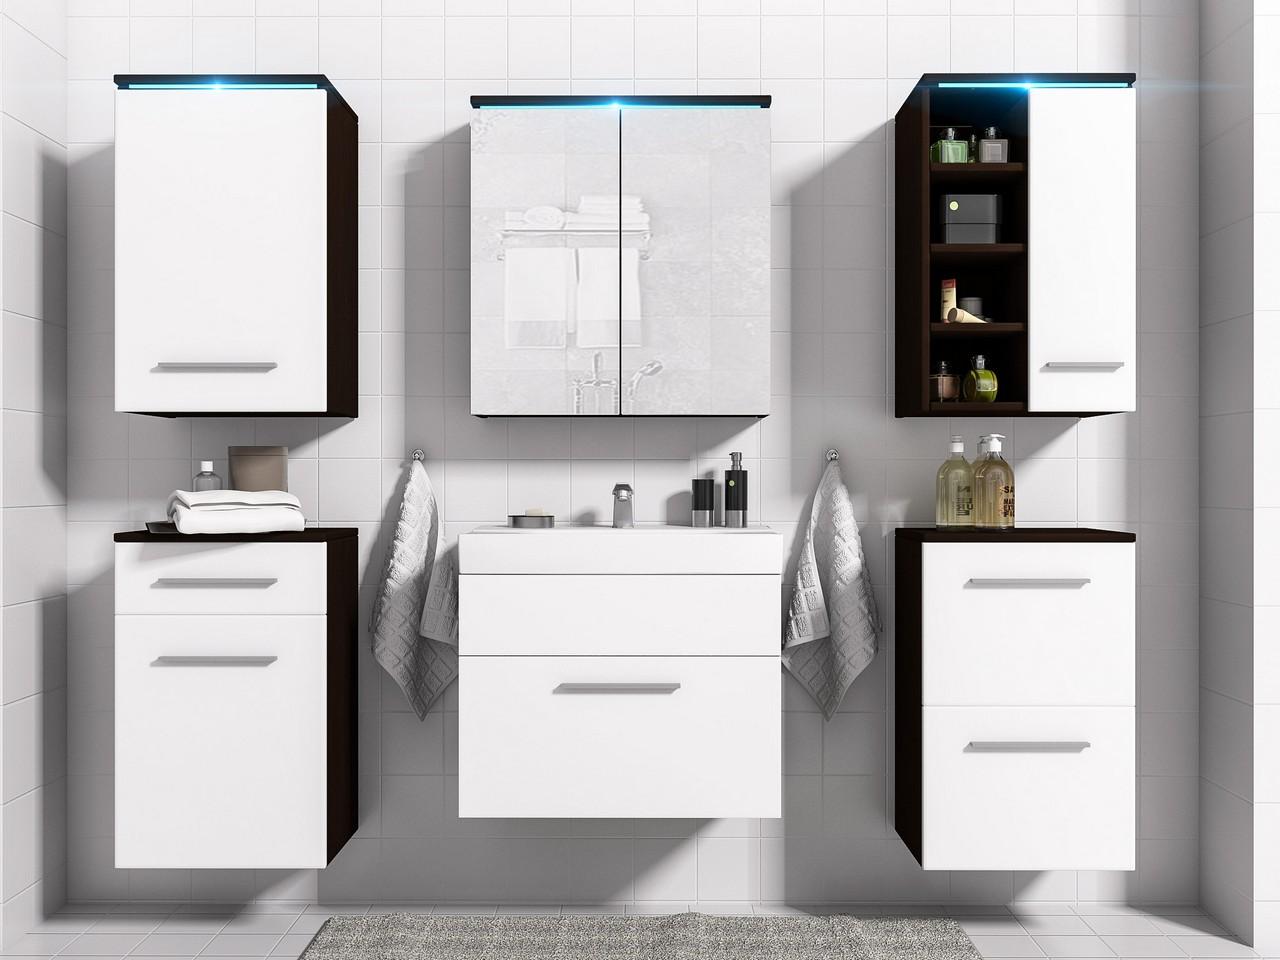 MEBLINE Koupelna MEGI wenge / bílý mat